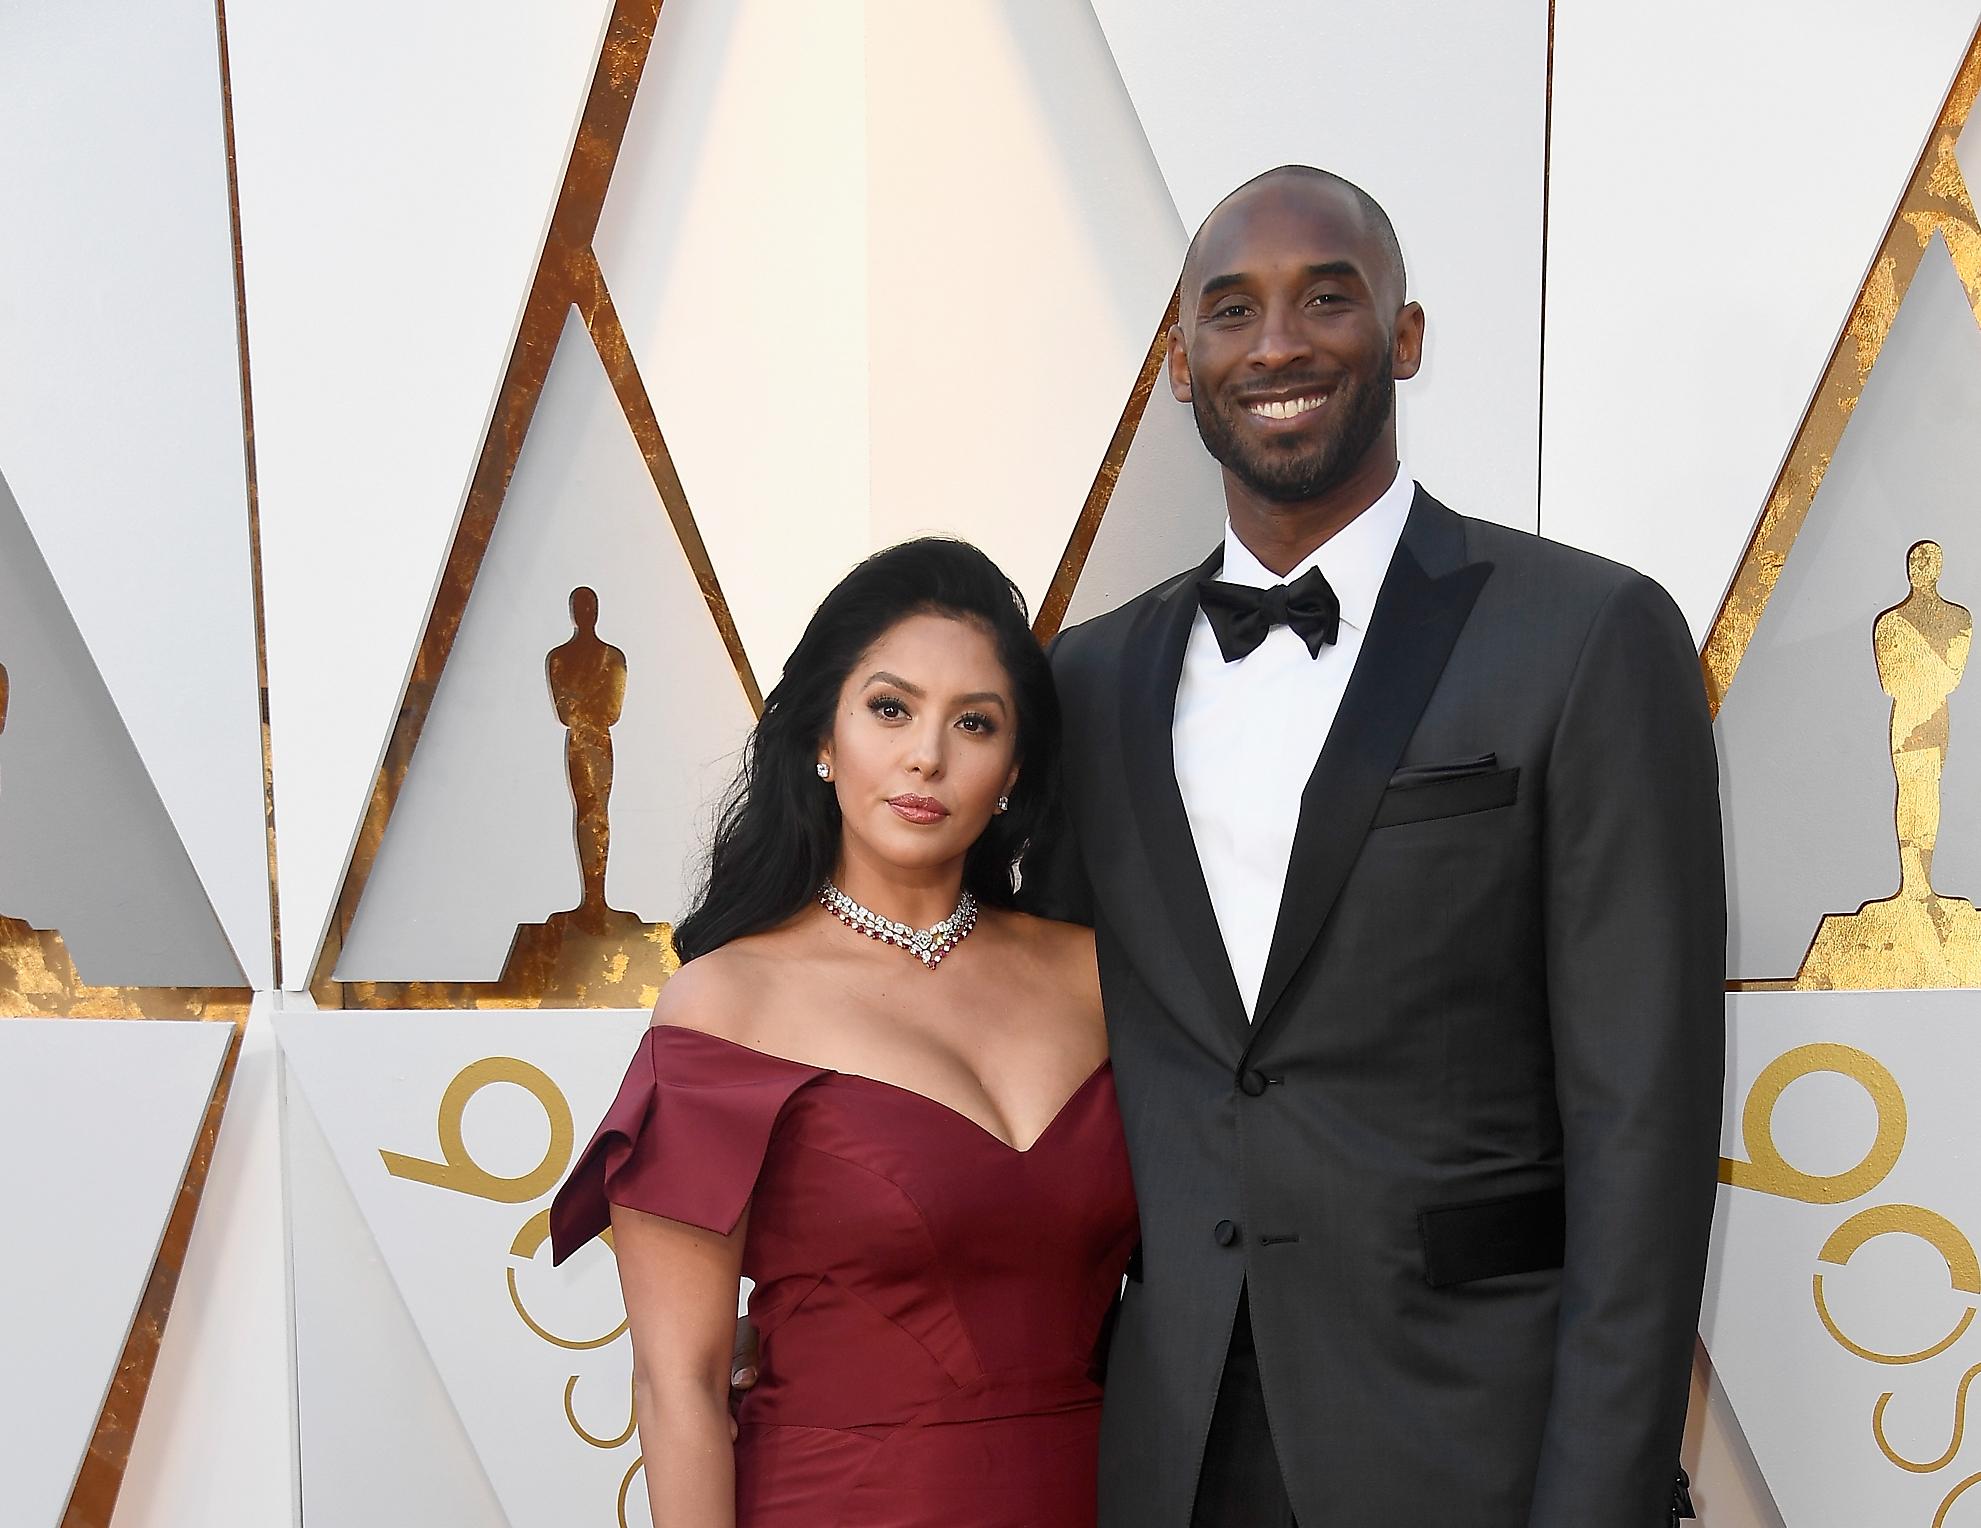 Vanessa/Kobe Bryant